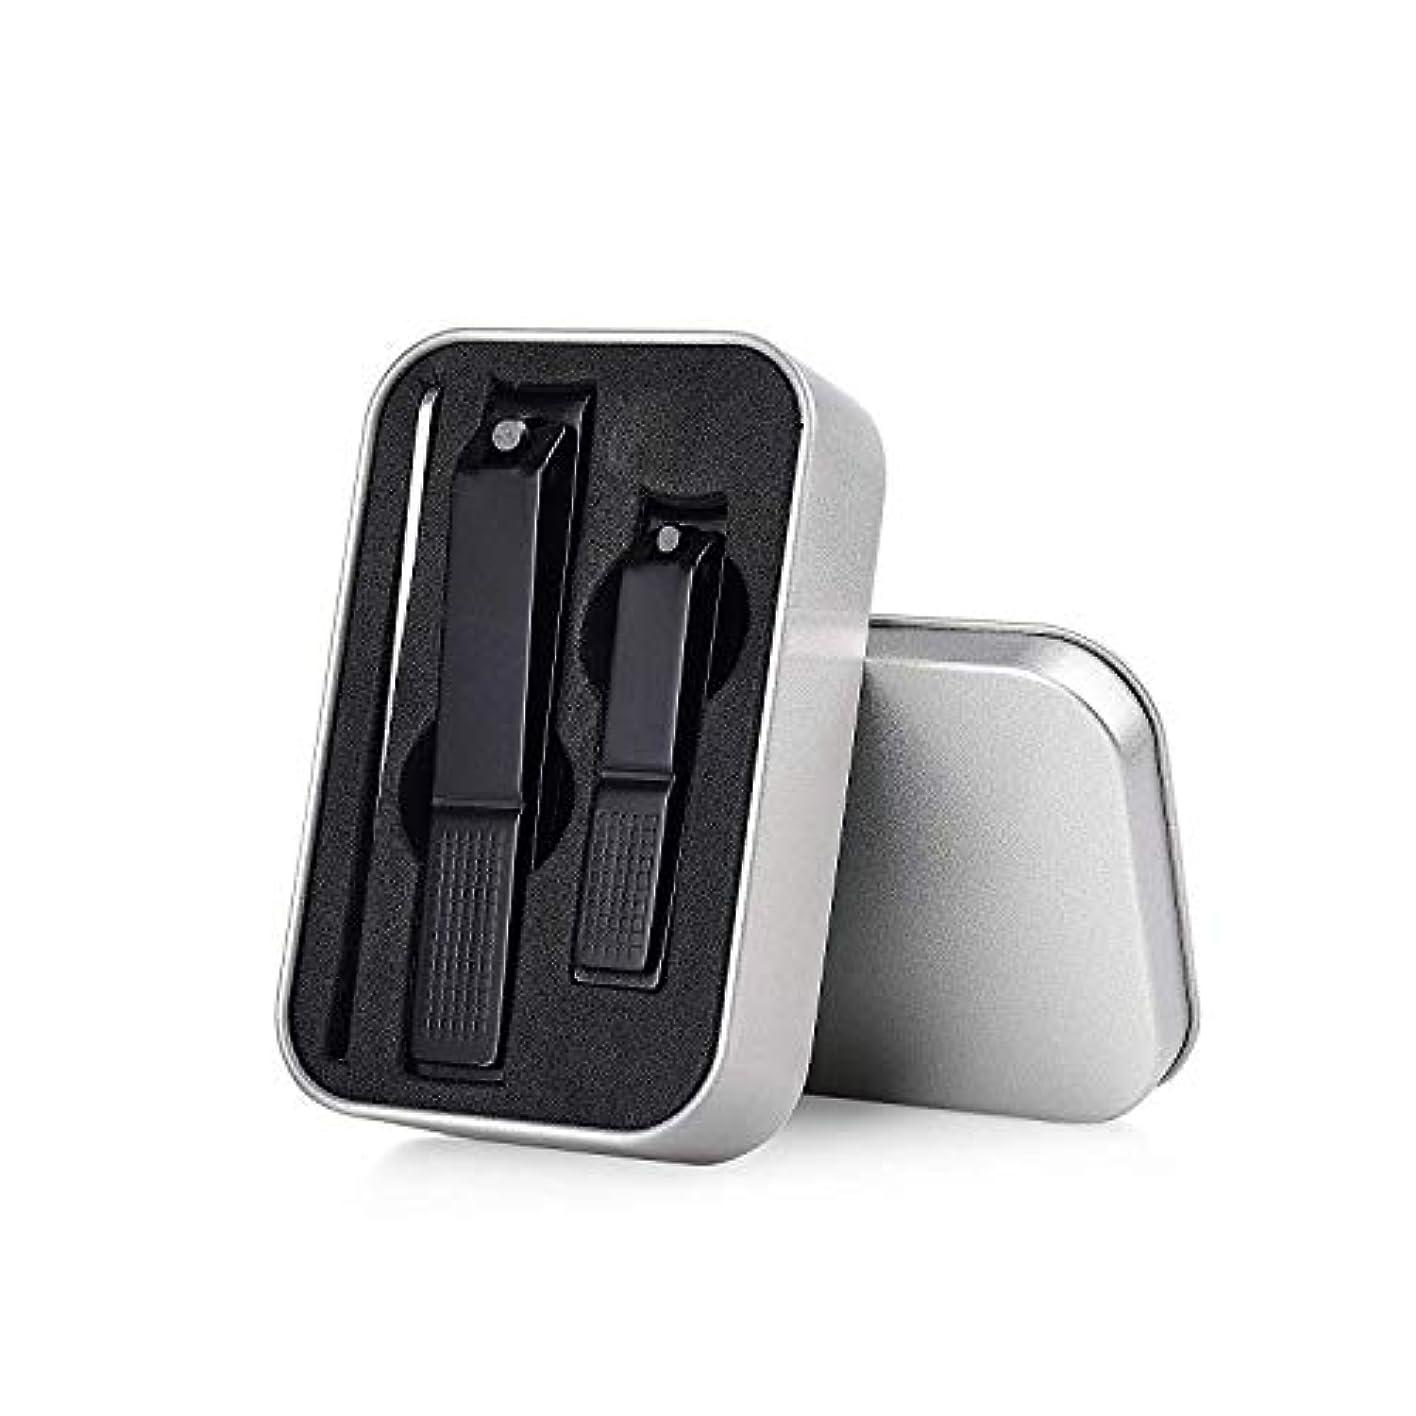 期待して説明する発信爪&爪+爪やすり(クリーナー)用3ピースネイルクリッパーキット(トラベルケース付き)-シャープネイルカッターセット、満足度100%返金保証